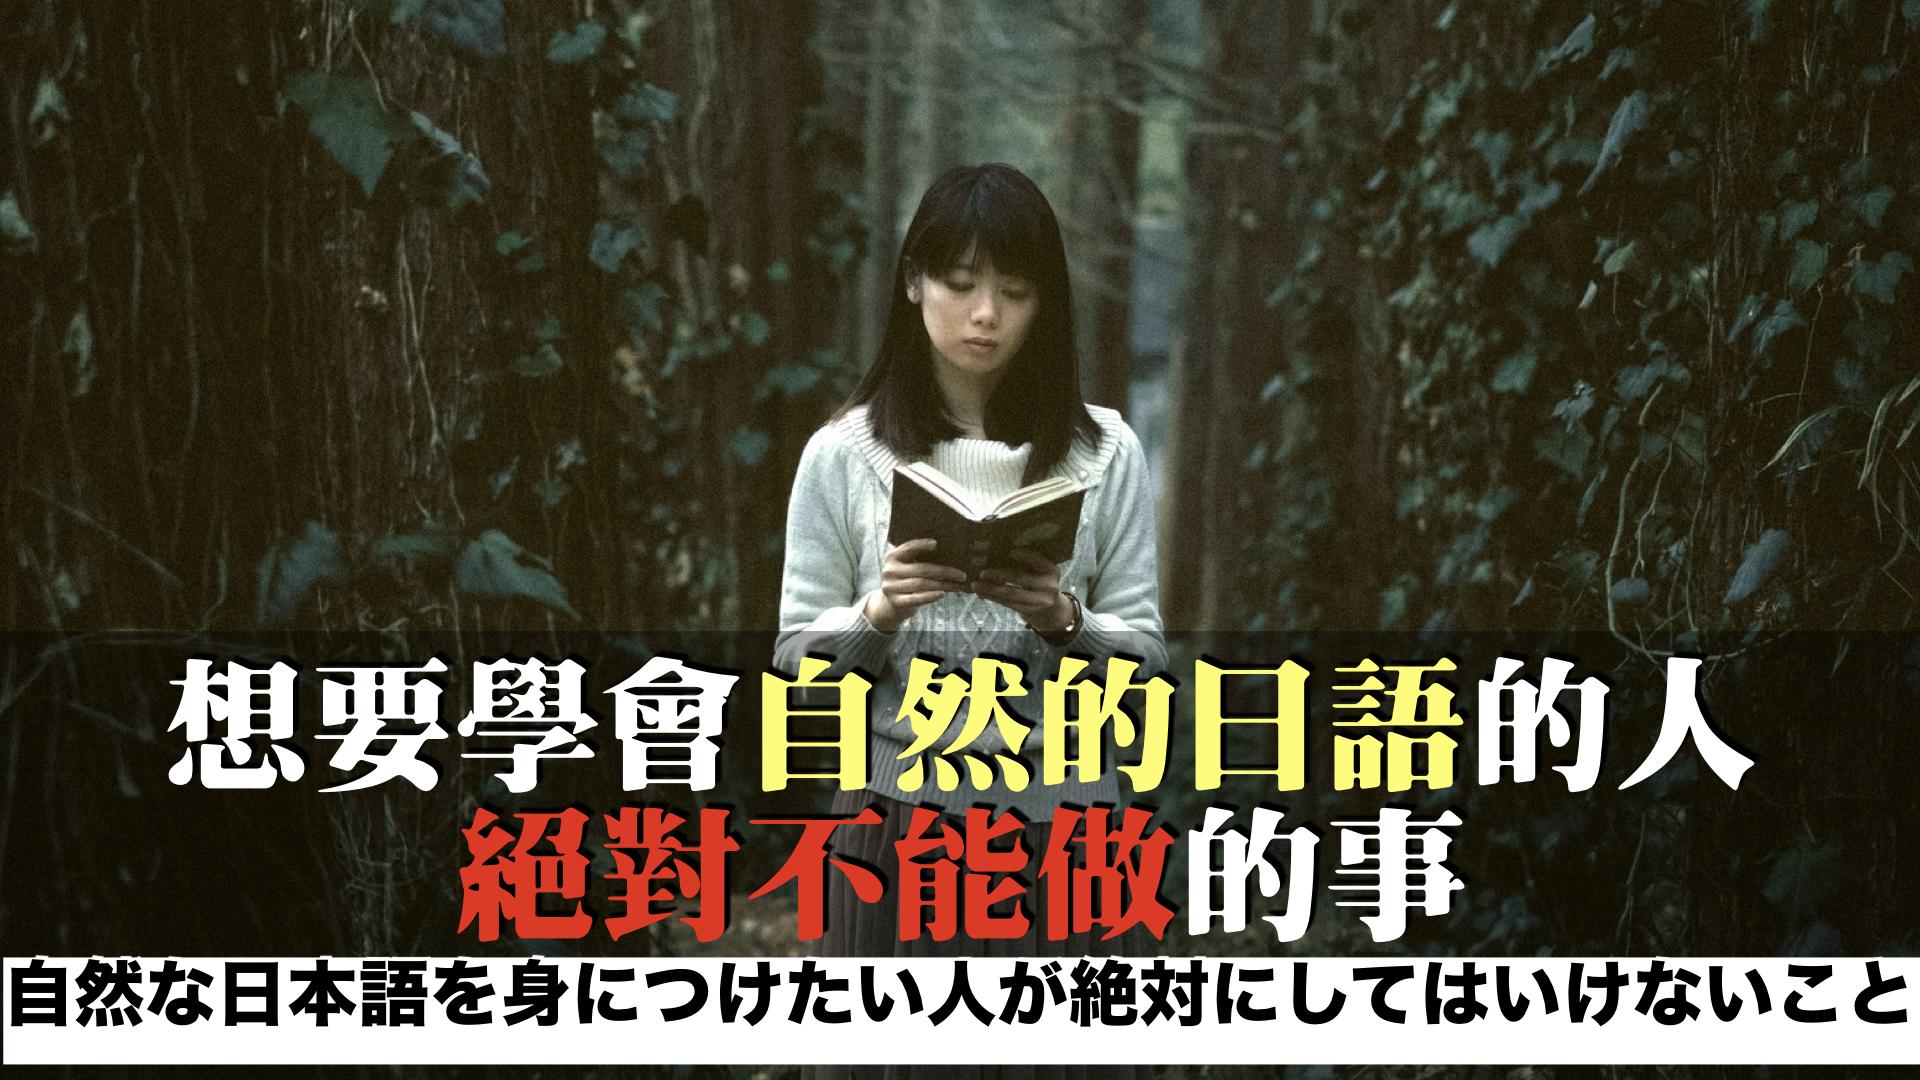 想要學會自然的日語的人絕對不能做的事/自然な日本語を身につけたい人が絶対にしてはいけないこと